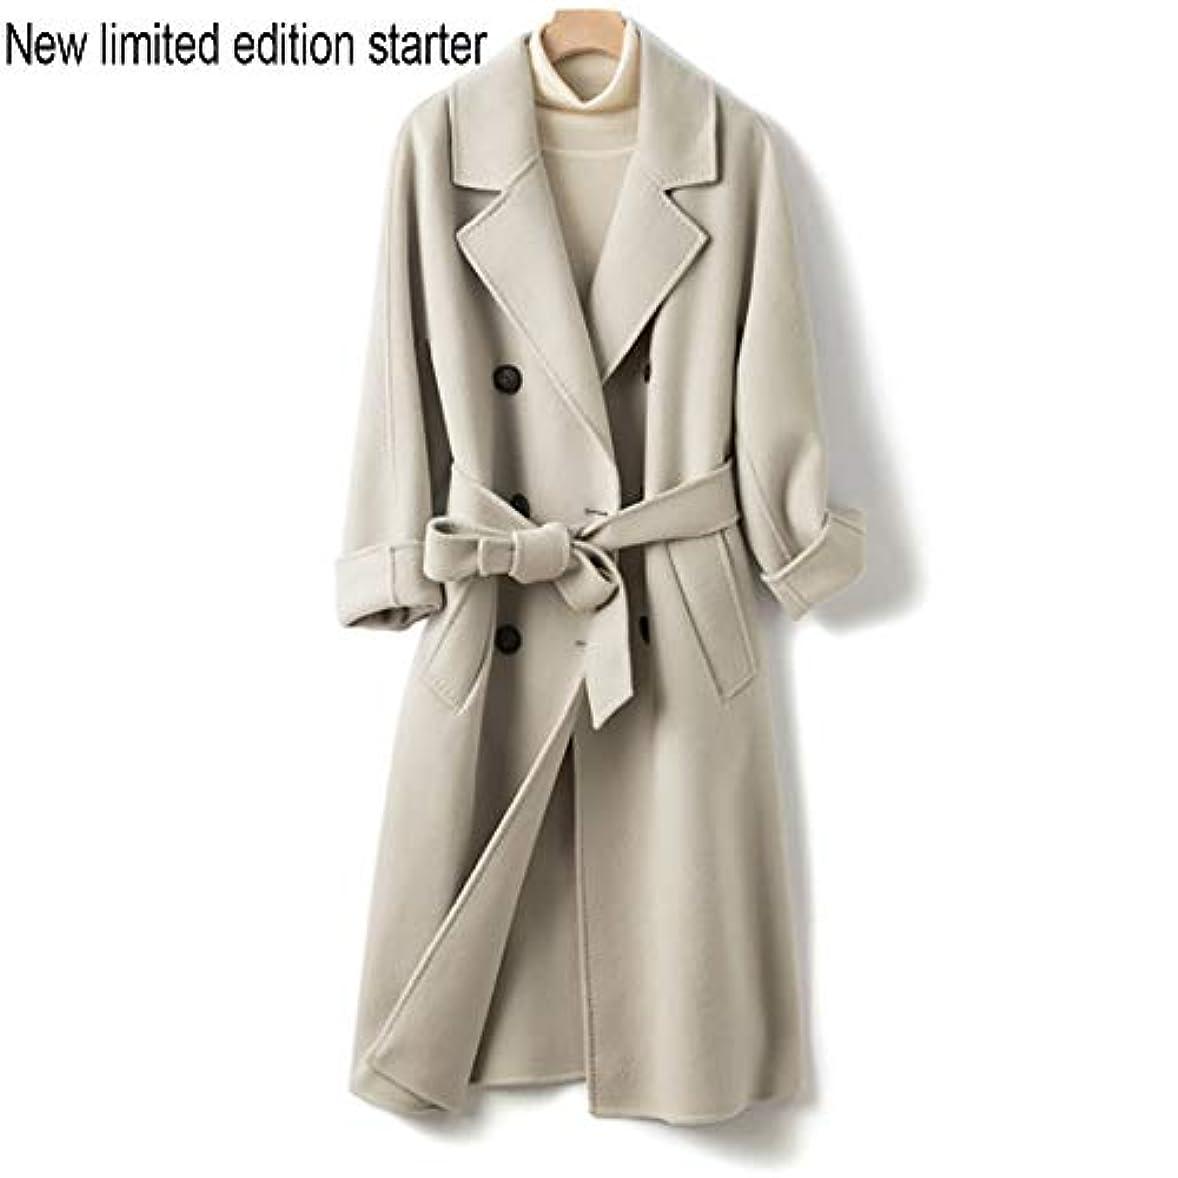 下向き断線タイピストウールコート、両面コート、ロングウールコート、秋と冬新しい婦人服女性のうれしそうな冬のジャケットコート